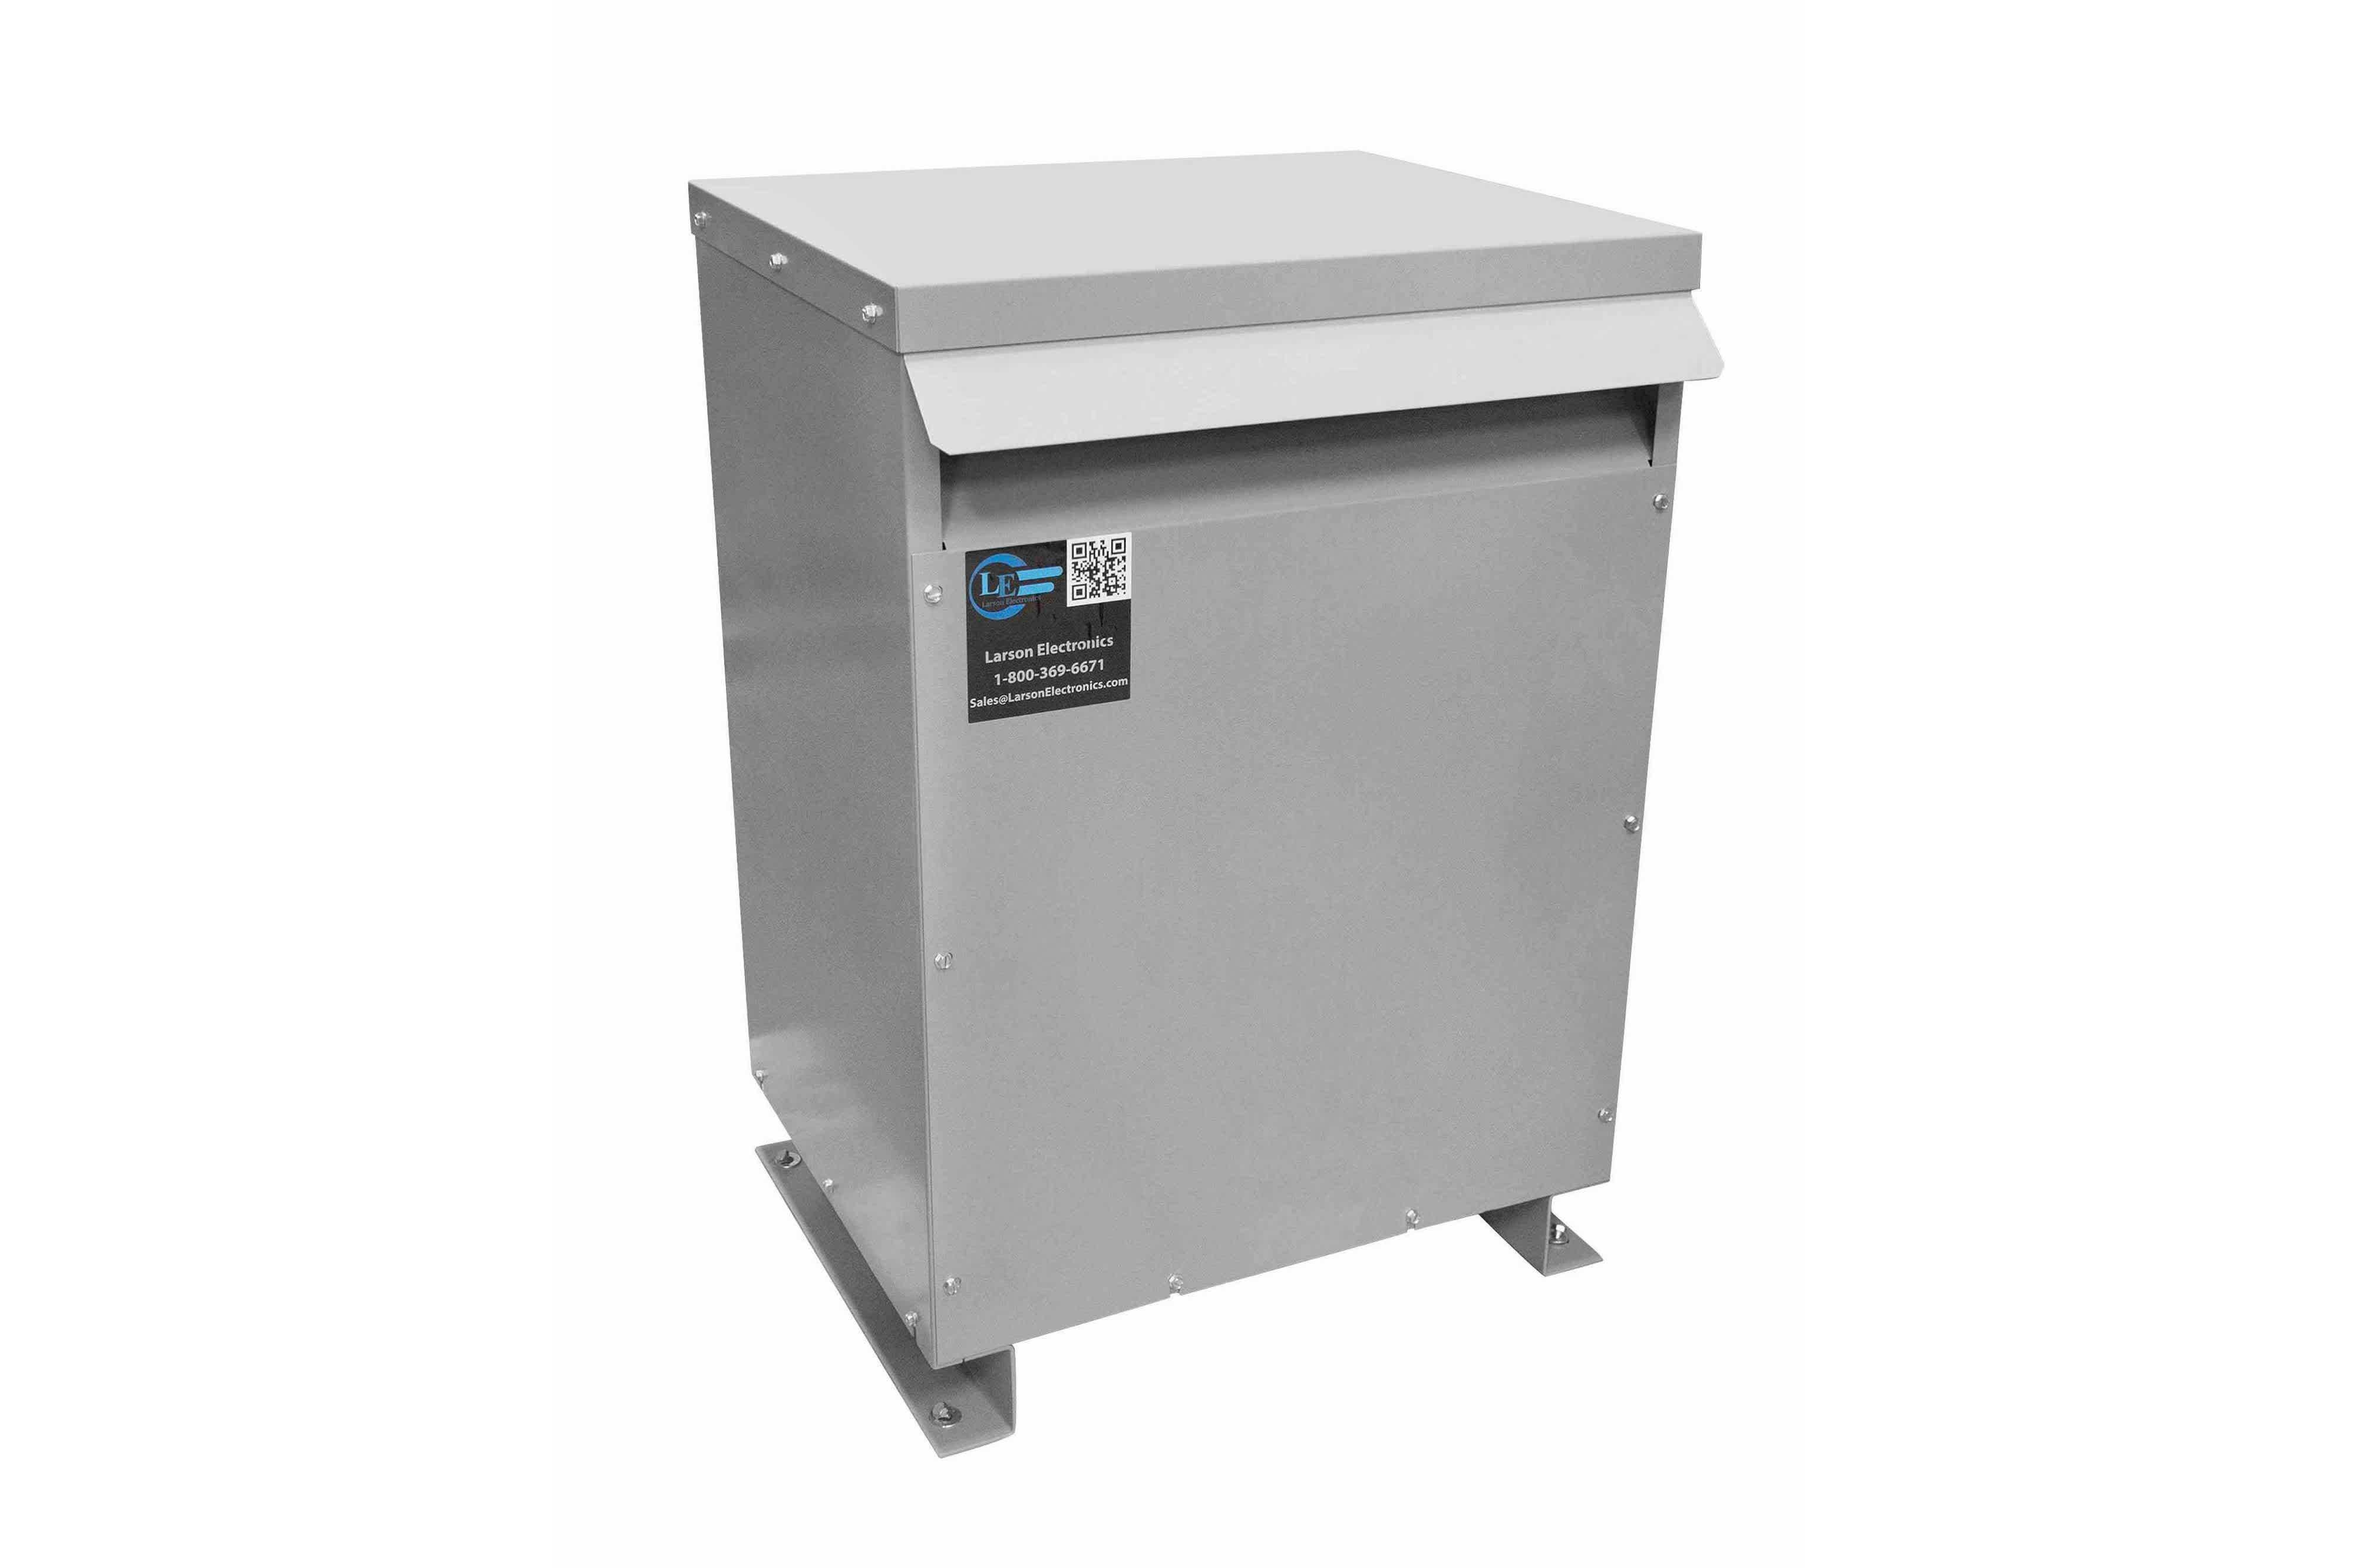 25 kVA 3PH Isolation Transformer, 440V Delta Primary, 208V Delta Secondary, N3R, Ventilated, 60 Hz